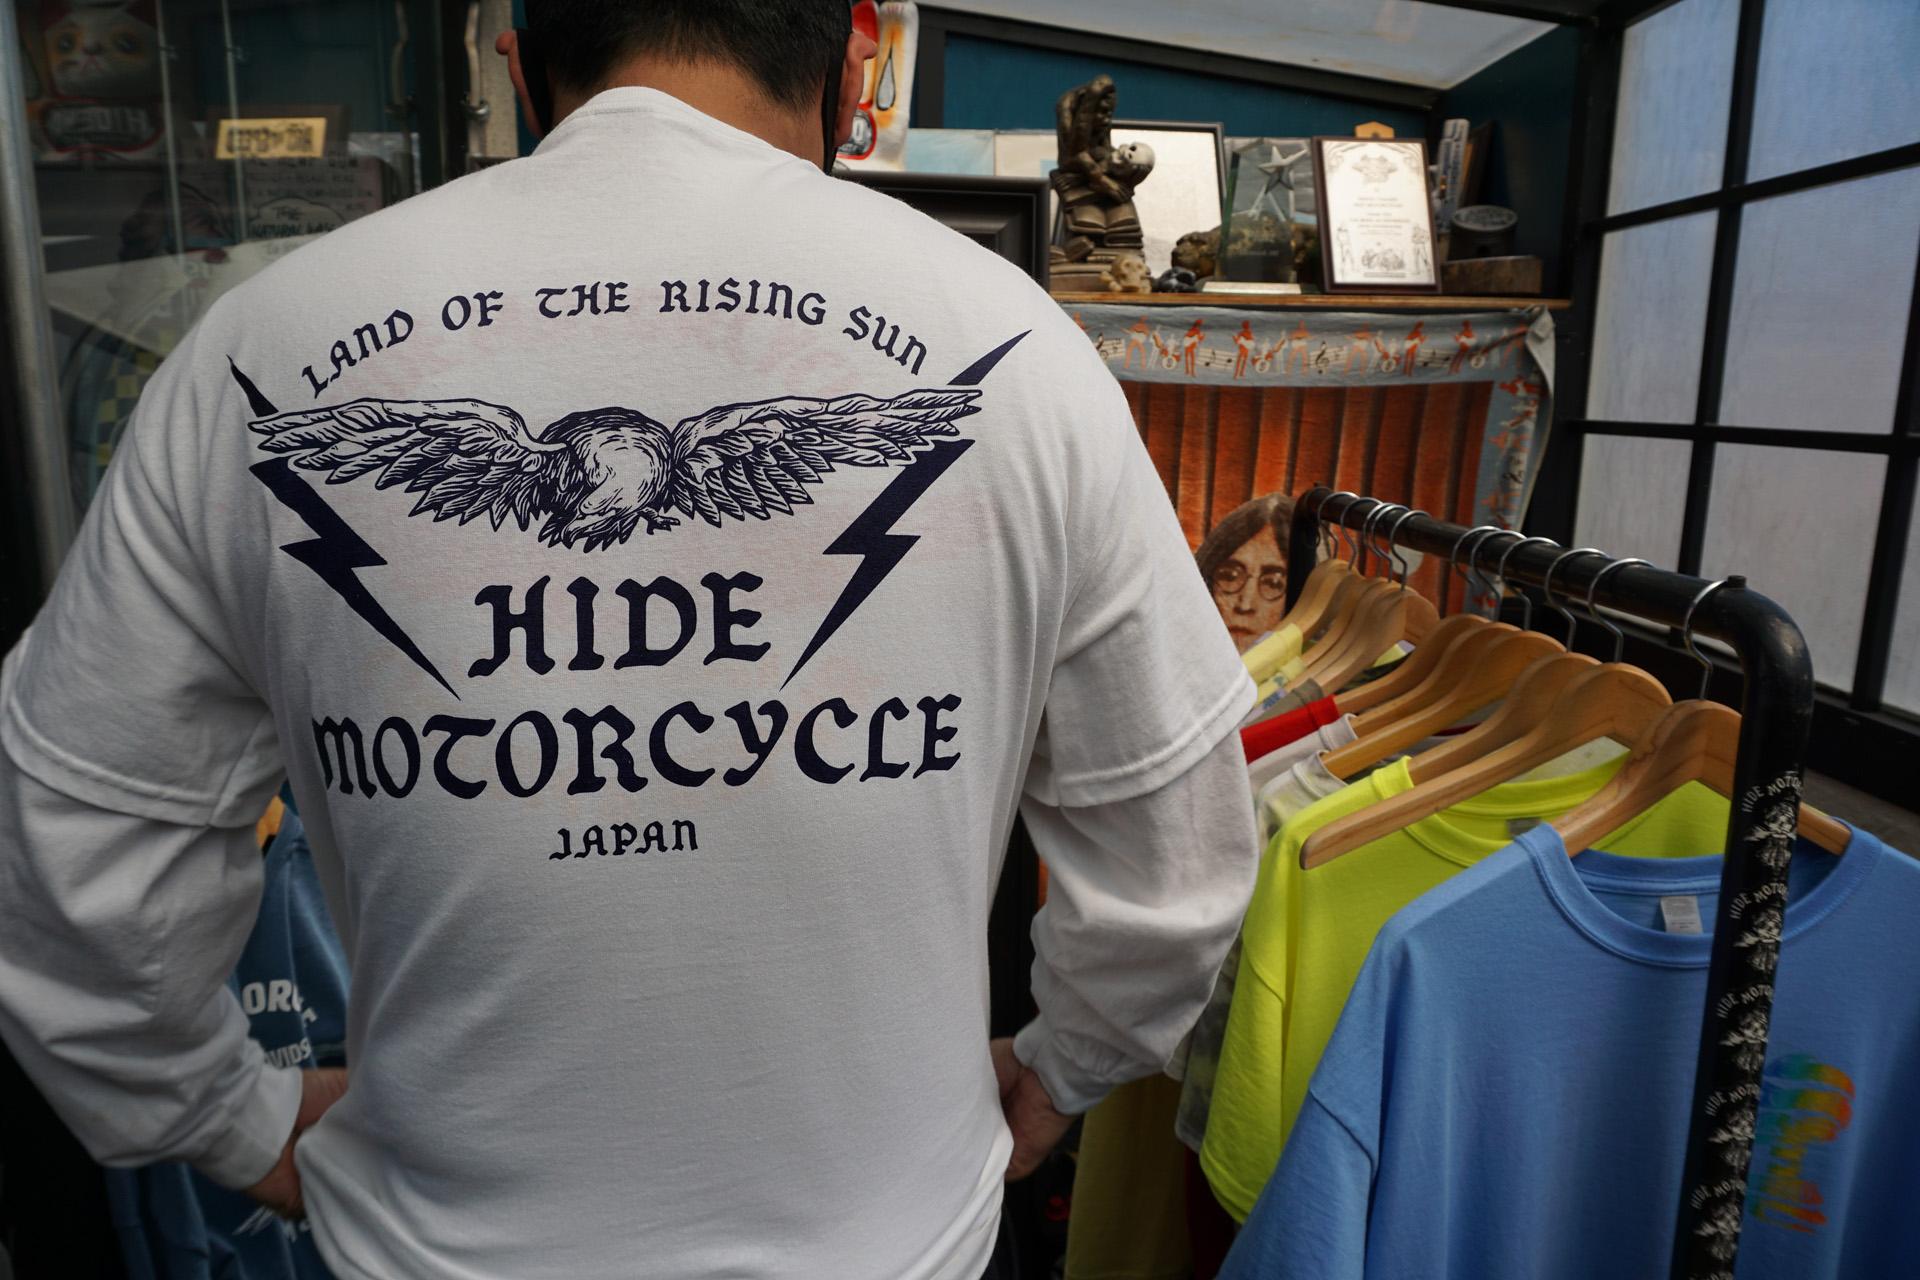 ニュートラル ヒデモーターサイクル neutral hidemortorcycle Tシャツ